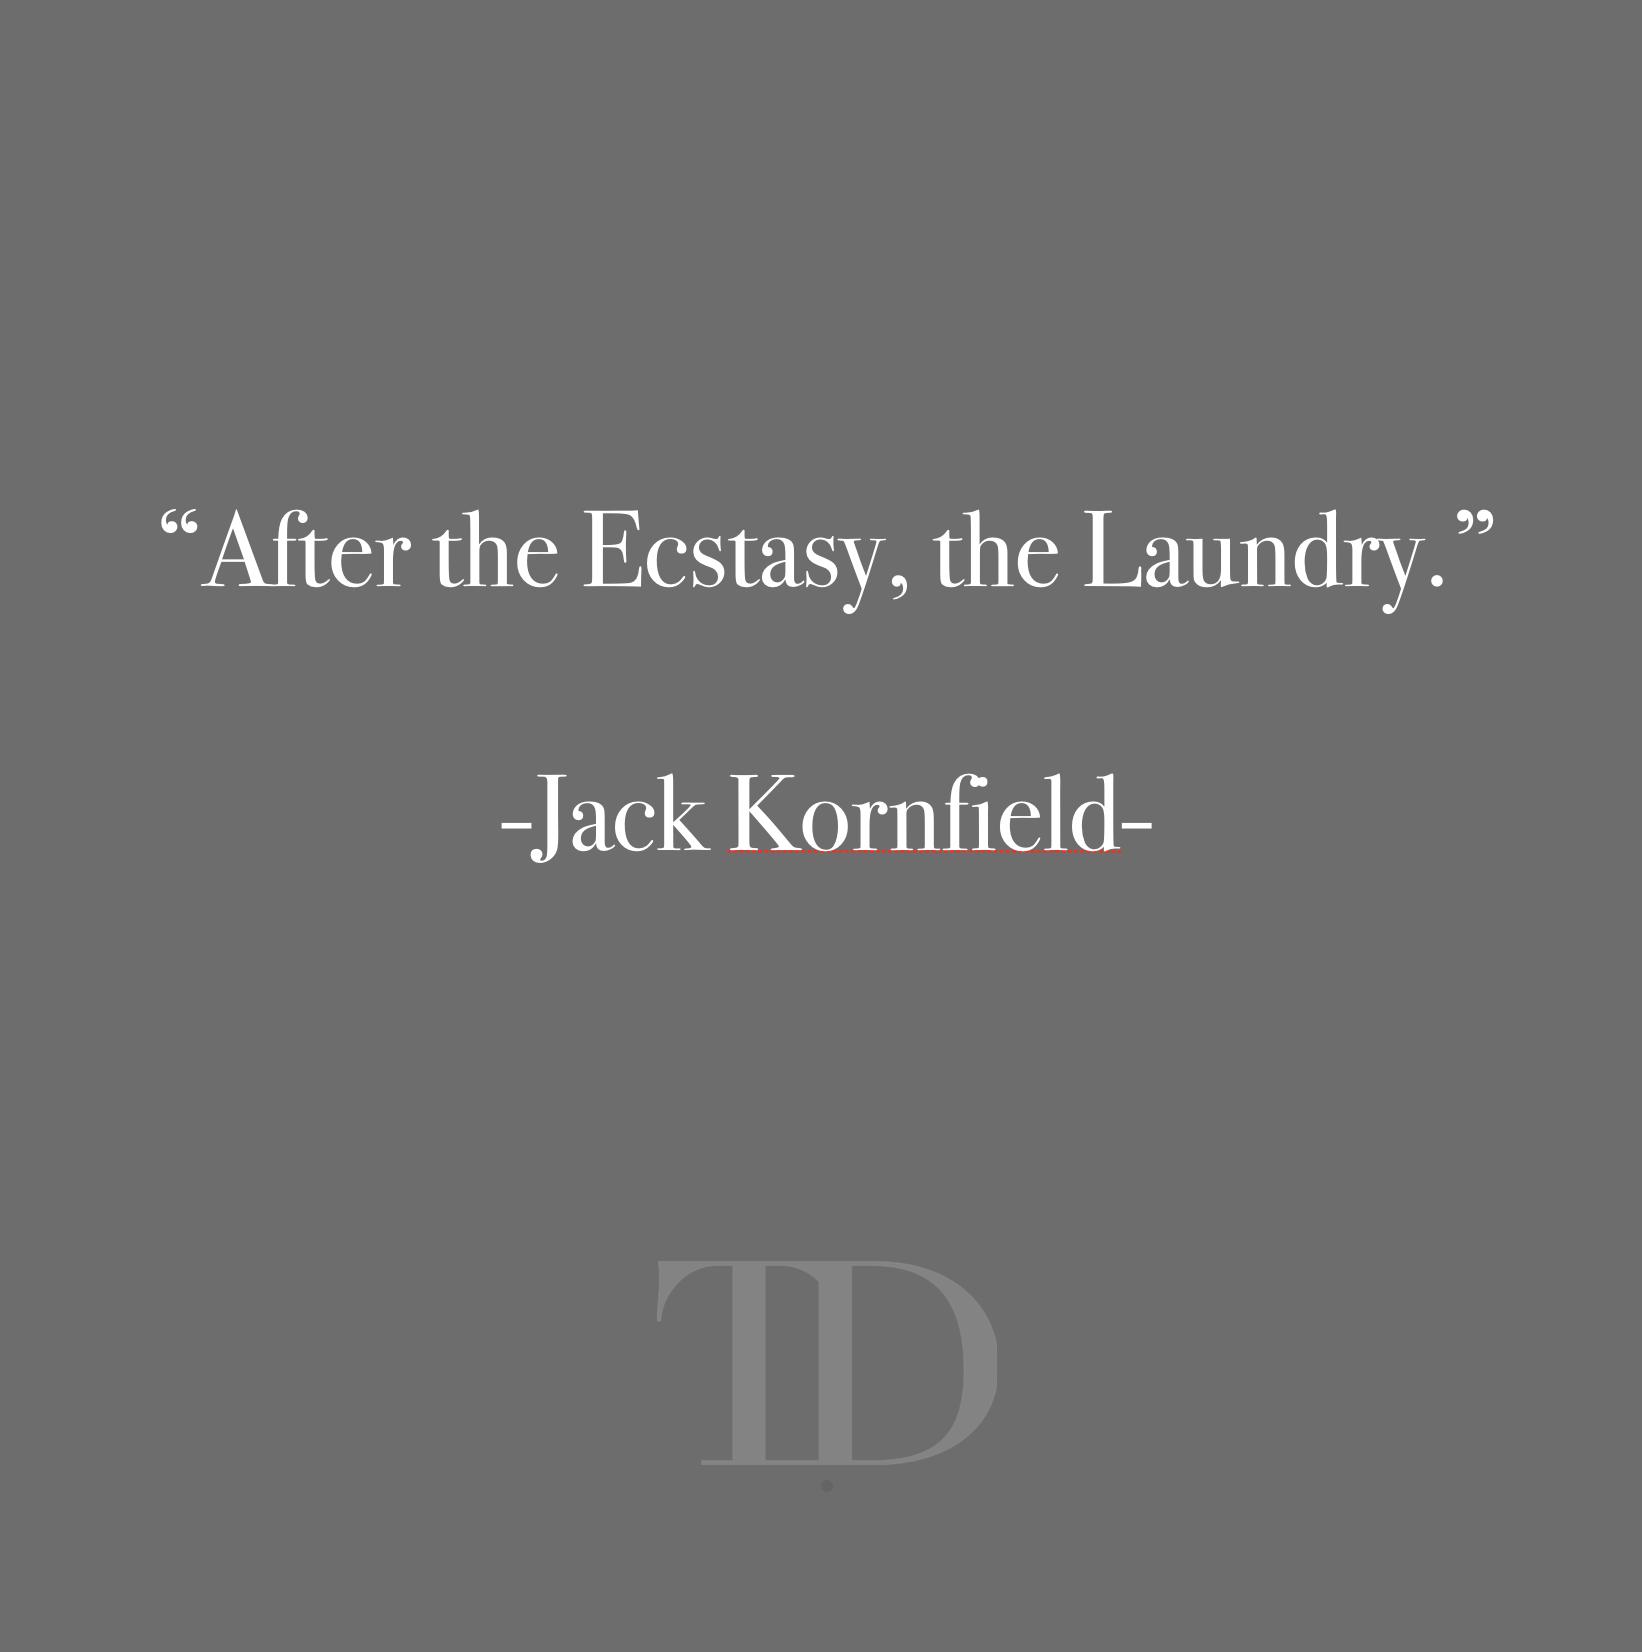 Jack Kornfield: After Ecstasy